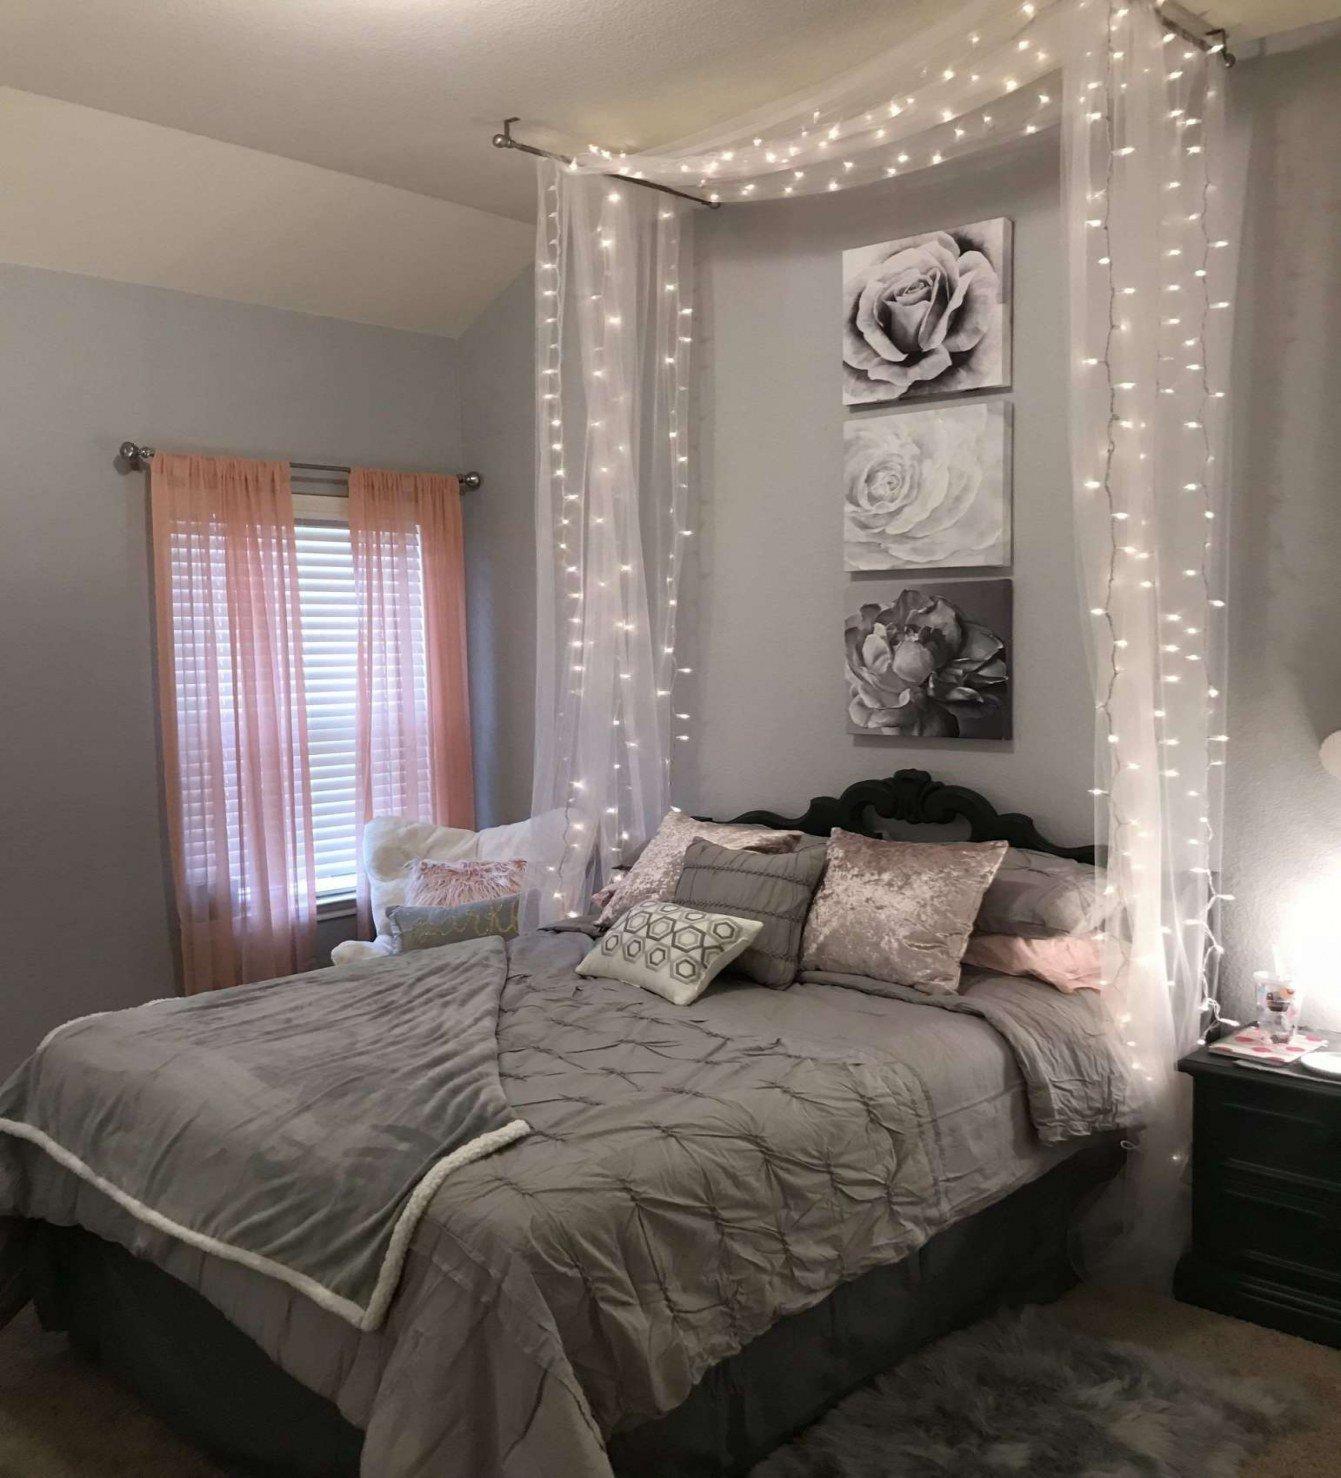 Little Girl Bedroom Decor Inspirational Bedrooms for Girls Girls Bedroom Wall Decor New Girl Wall